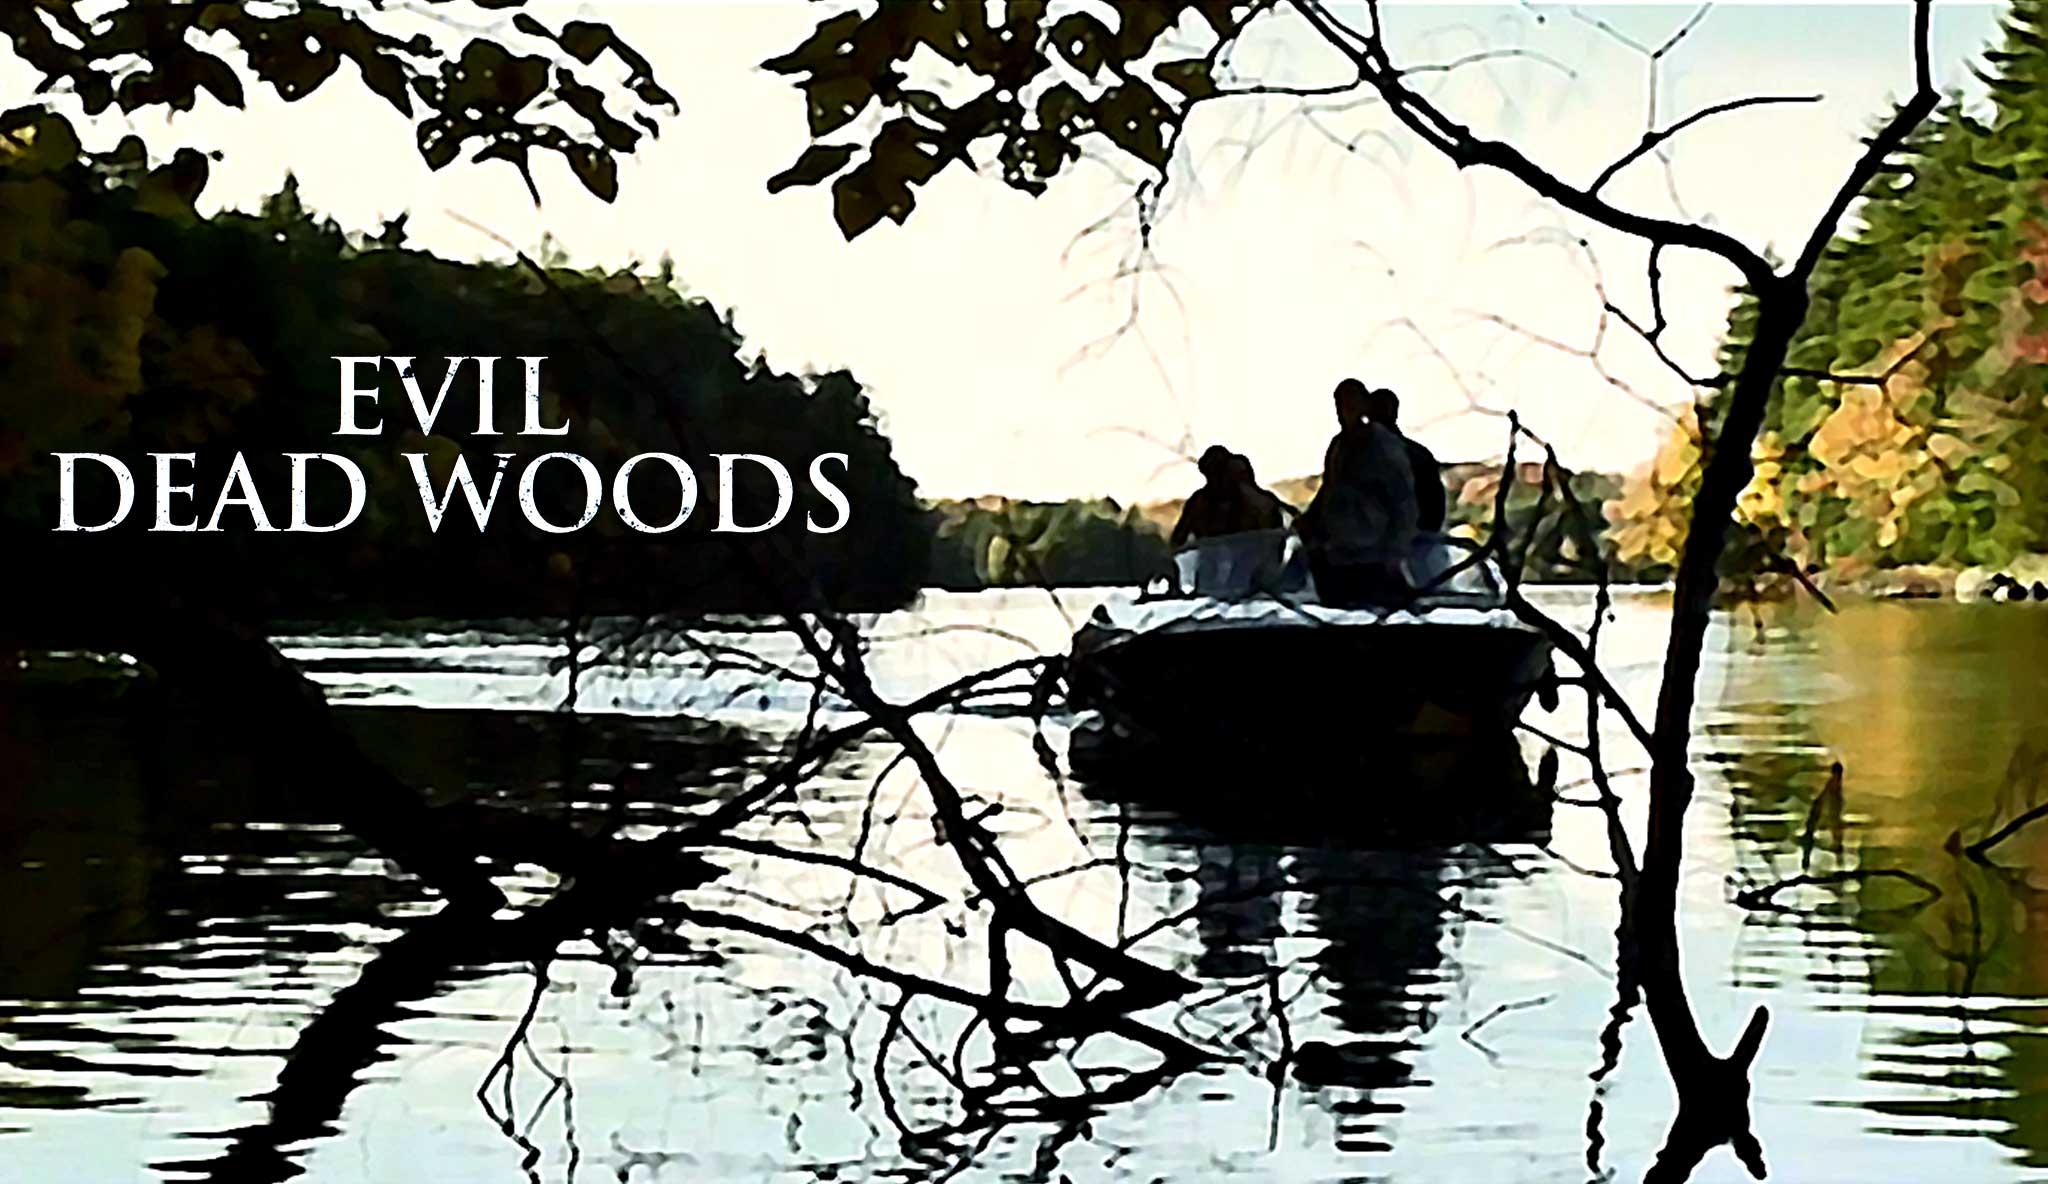 evil-dead-woods\header.jpg